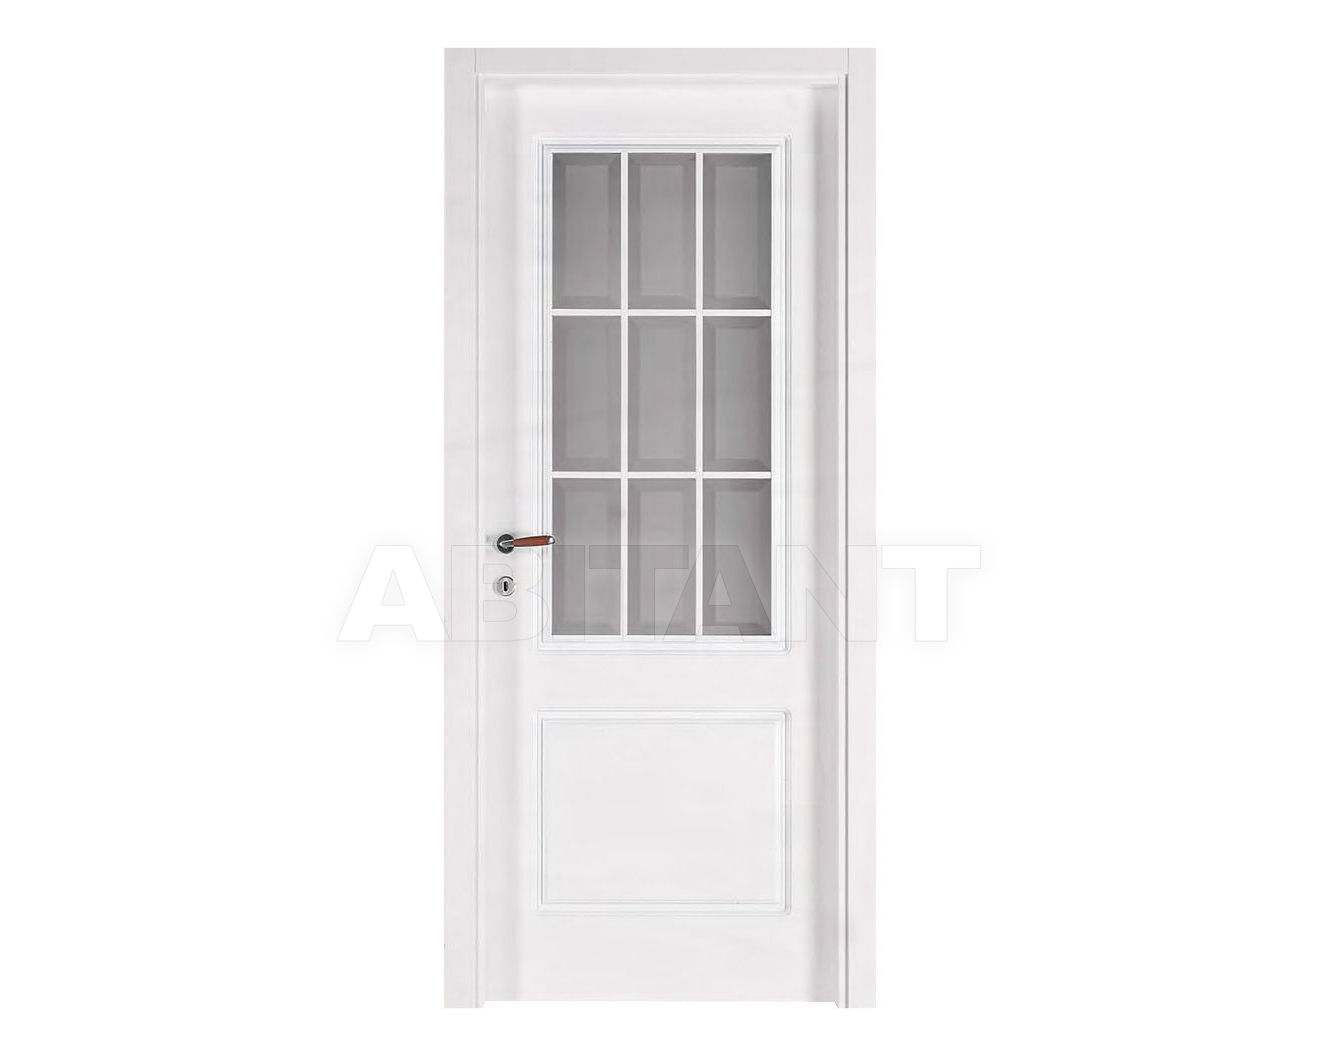 Купить Дверь деревянная Fioravazzi Pantografate PARIZIA 27 INGLESE